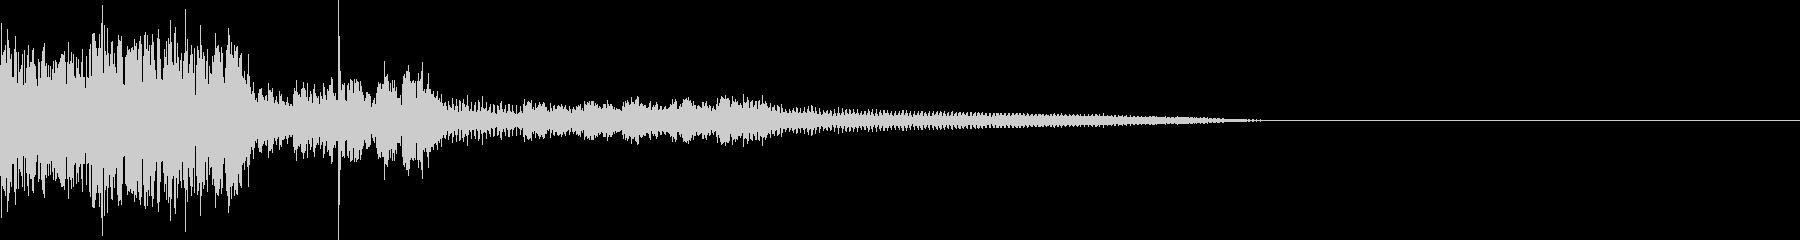 衝撃 金属音 恐怖 震撼 ホラー 42の未再生の波形